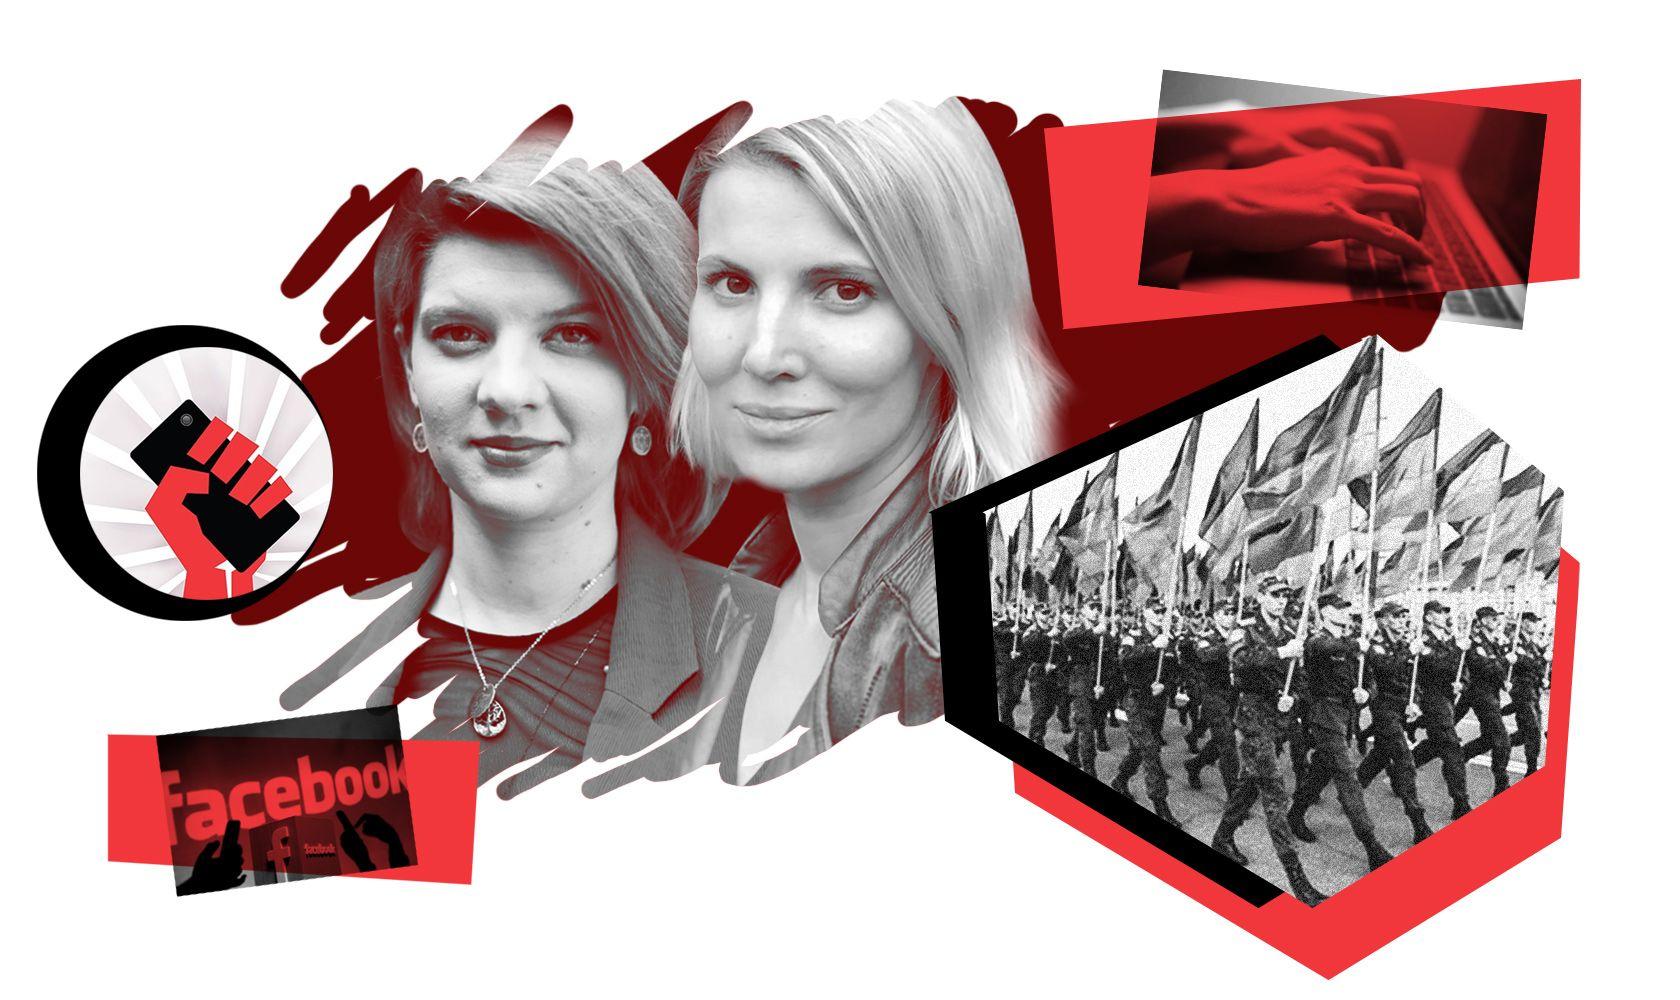 Що робити, коли бреше Арестович і Facebook? Пояснюють керівниці нових центрів при РНБО та Мінкульті